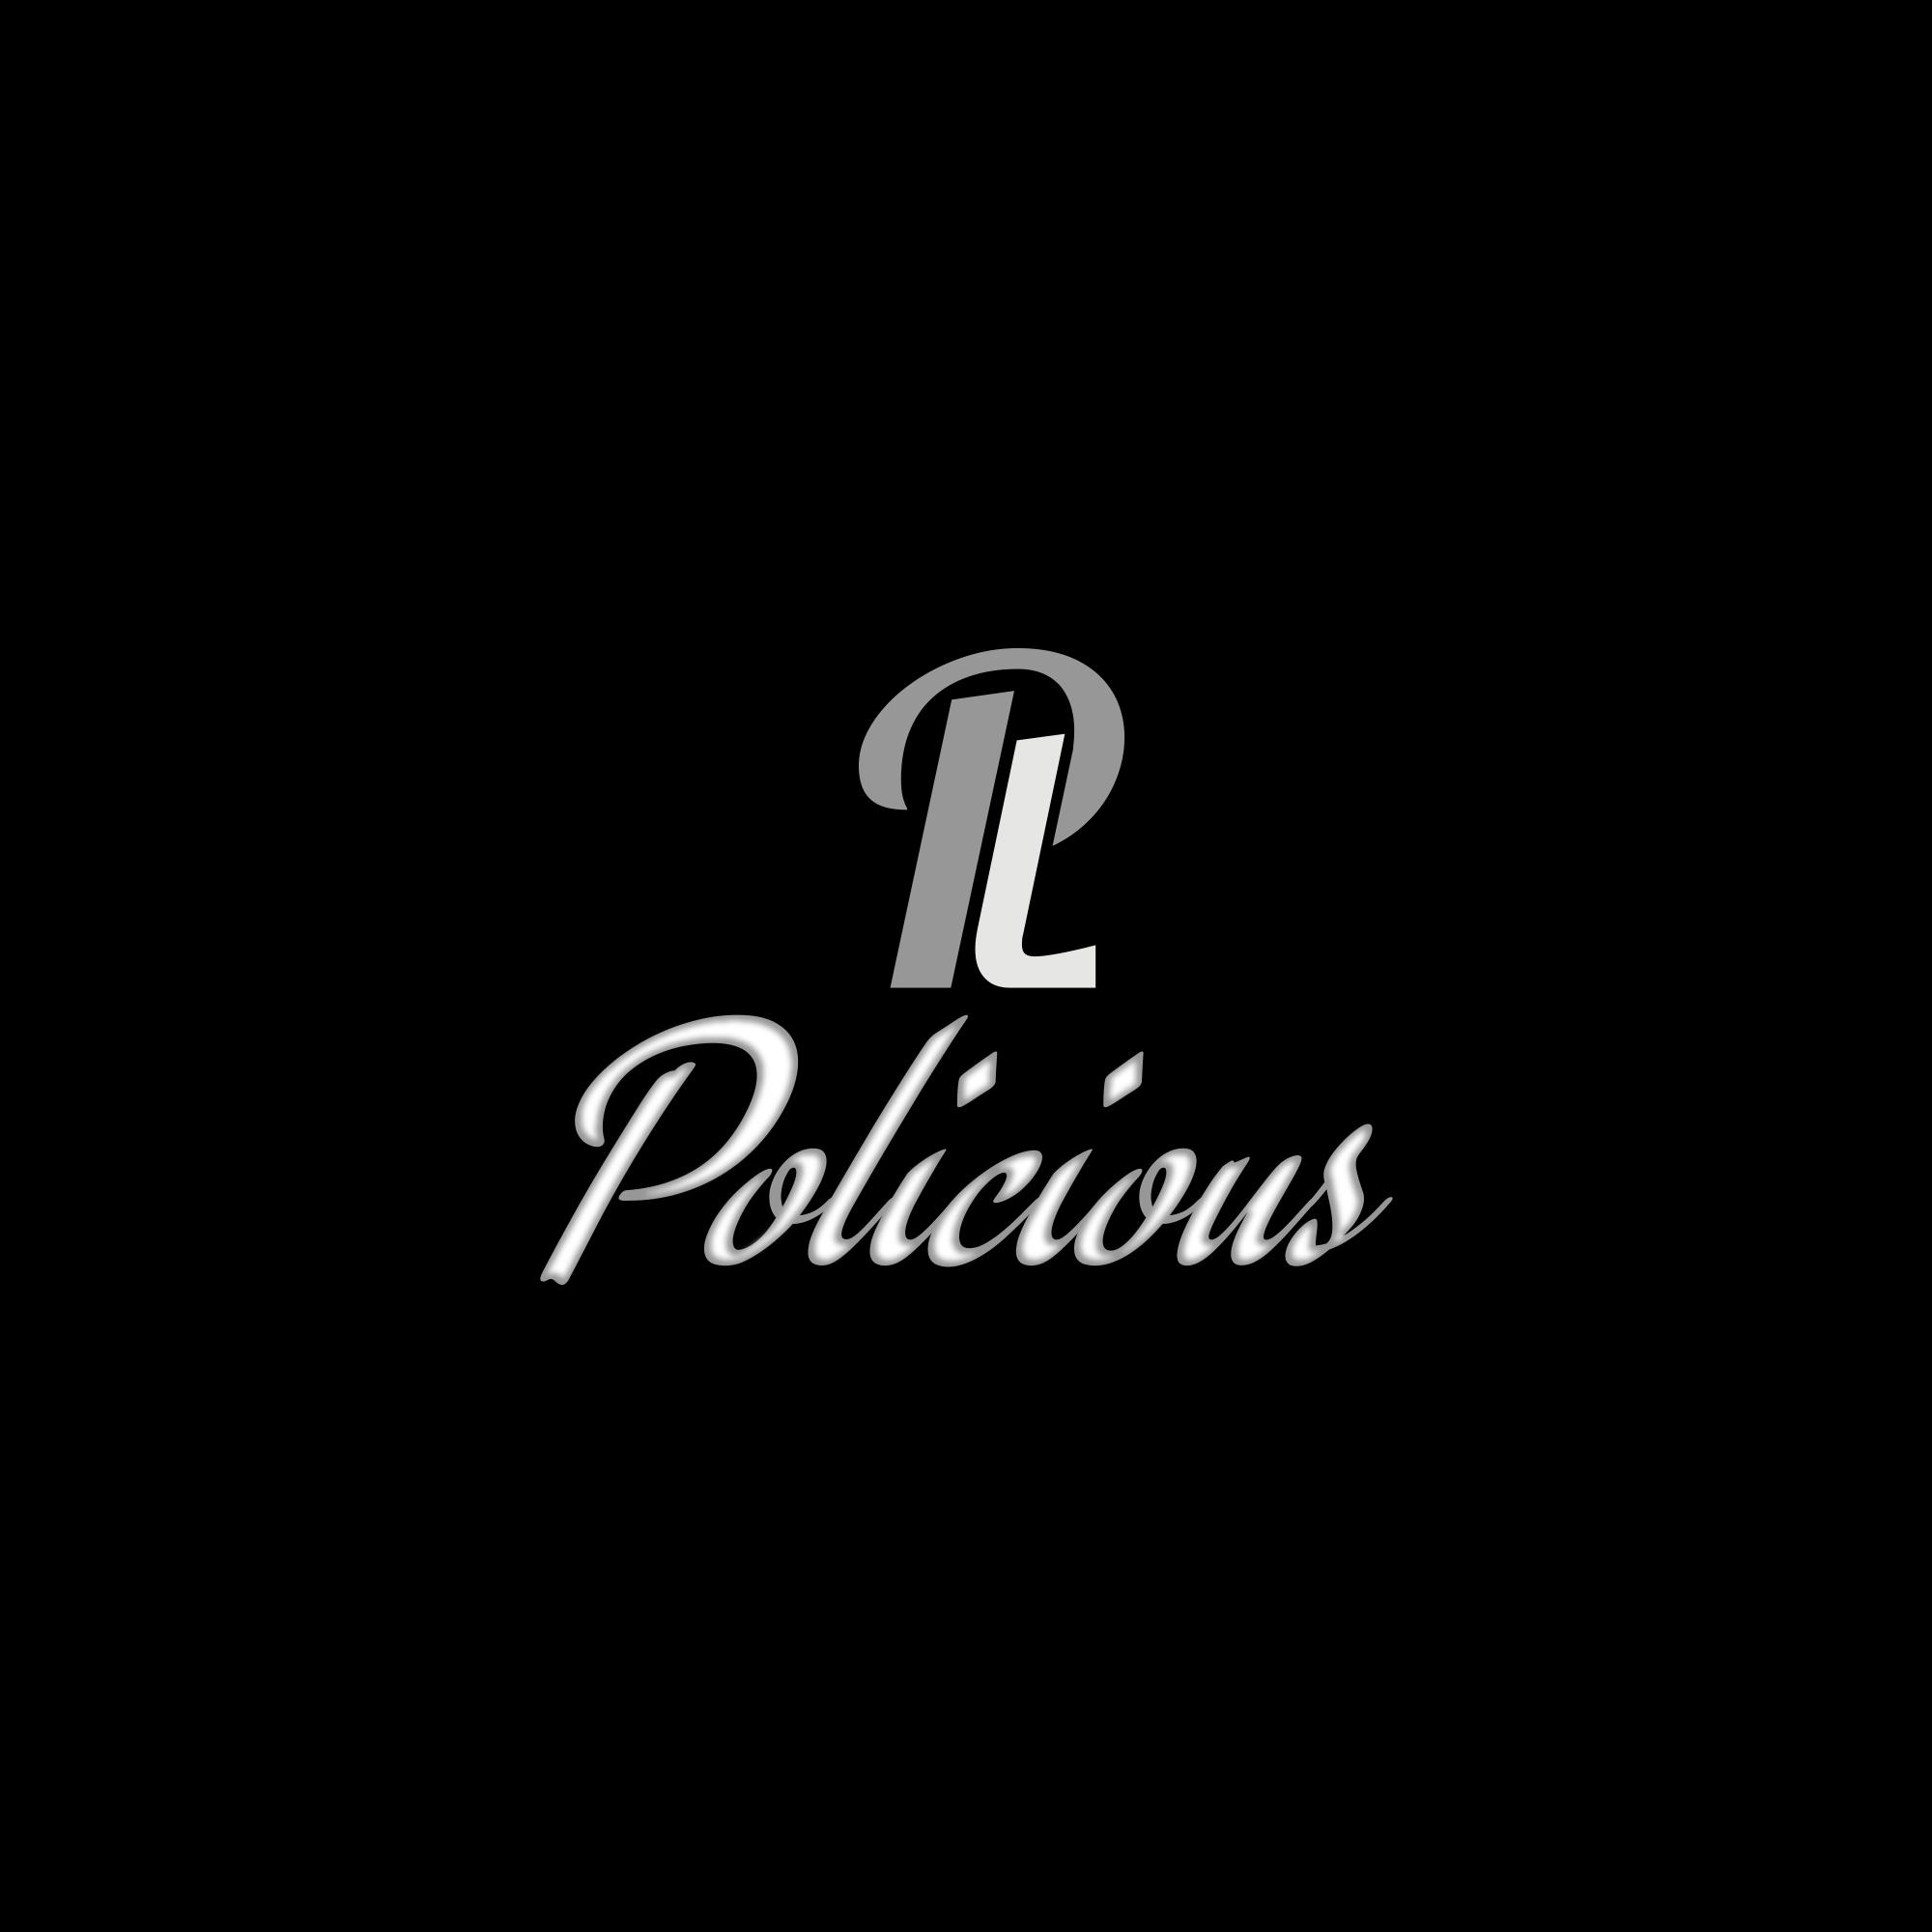 POLICIOUS